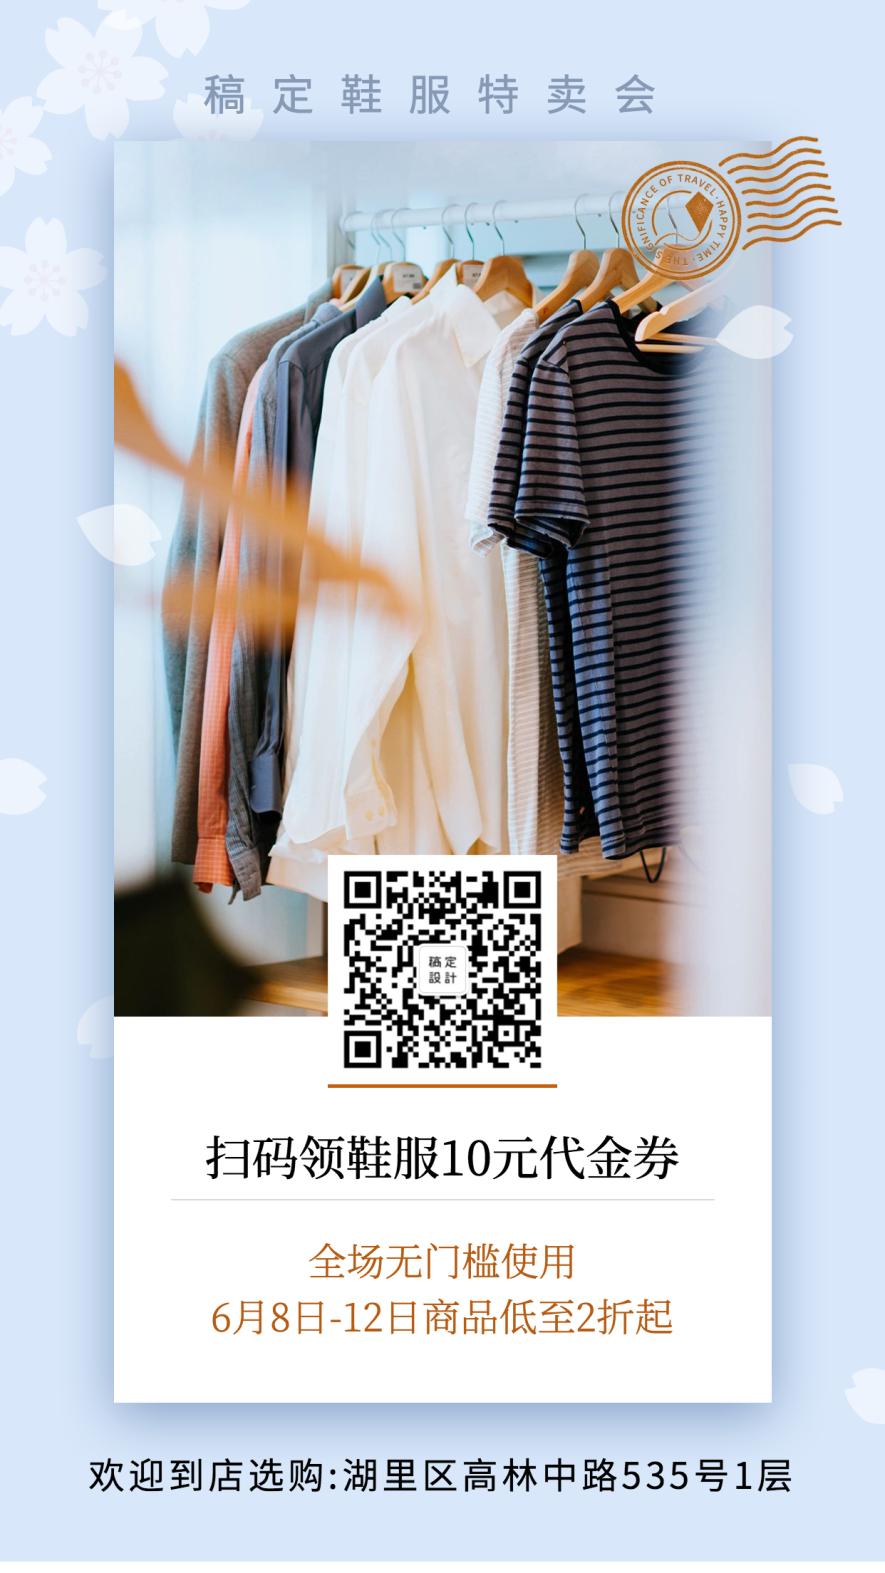 鞋服特卖/促销/手机海报